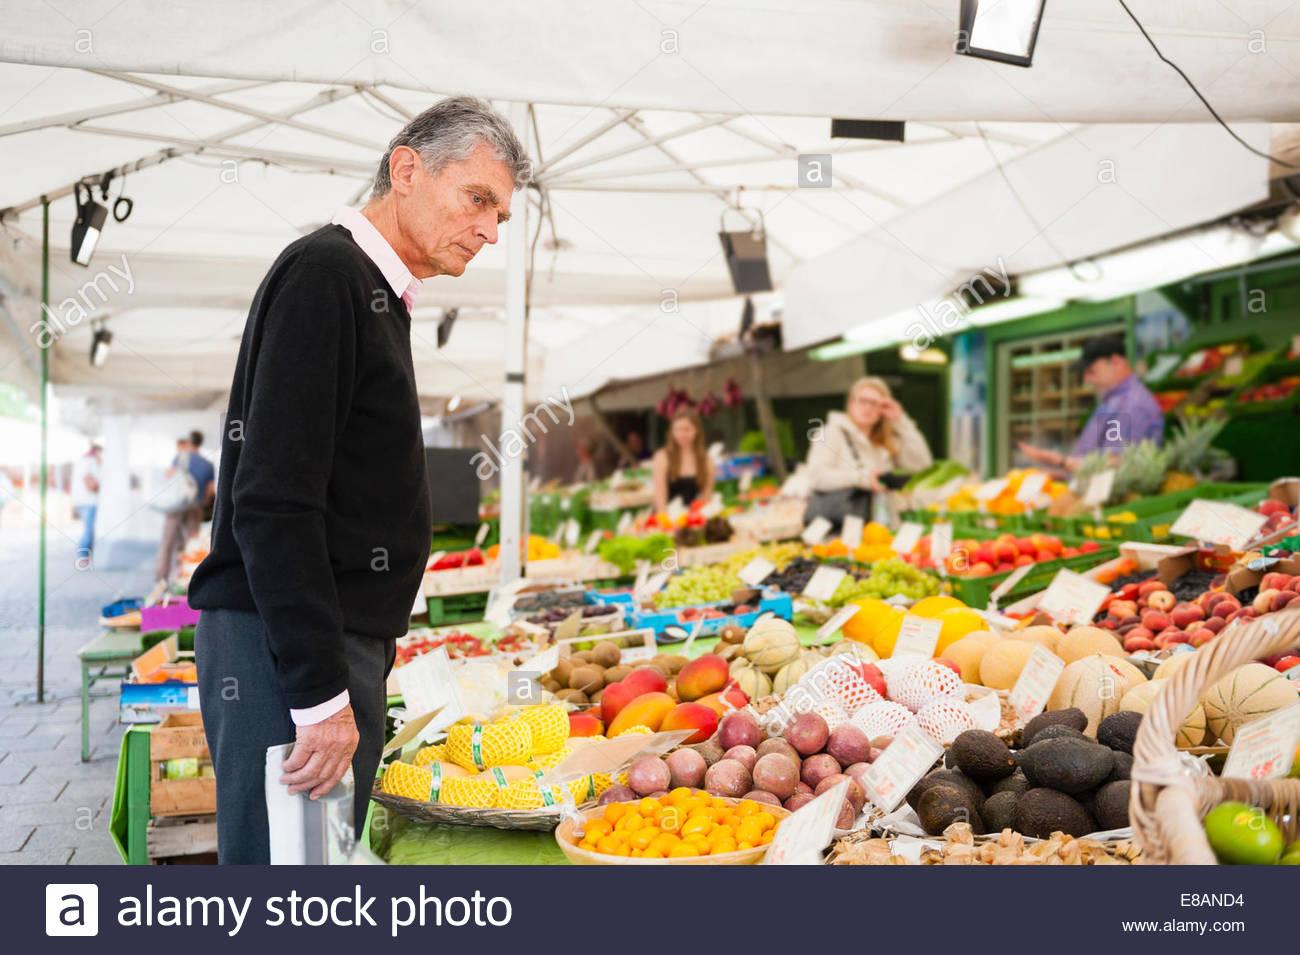 Senior woman Surfen, Obst und Gemüse am Marktstand Stockbild